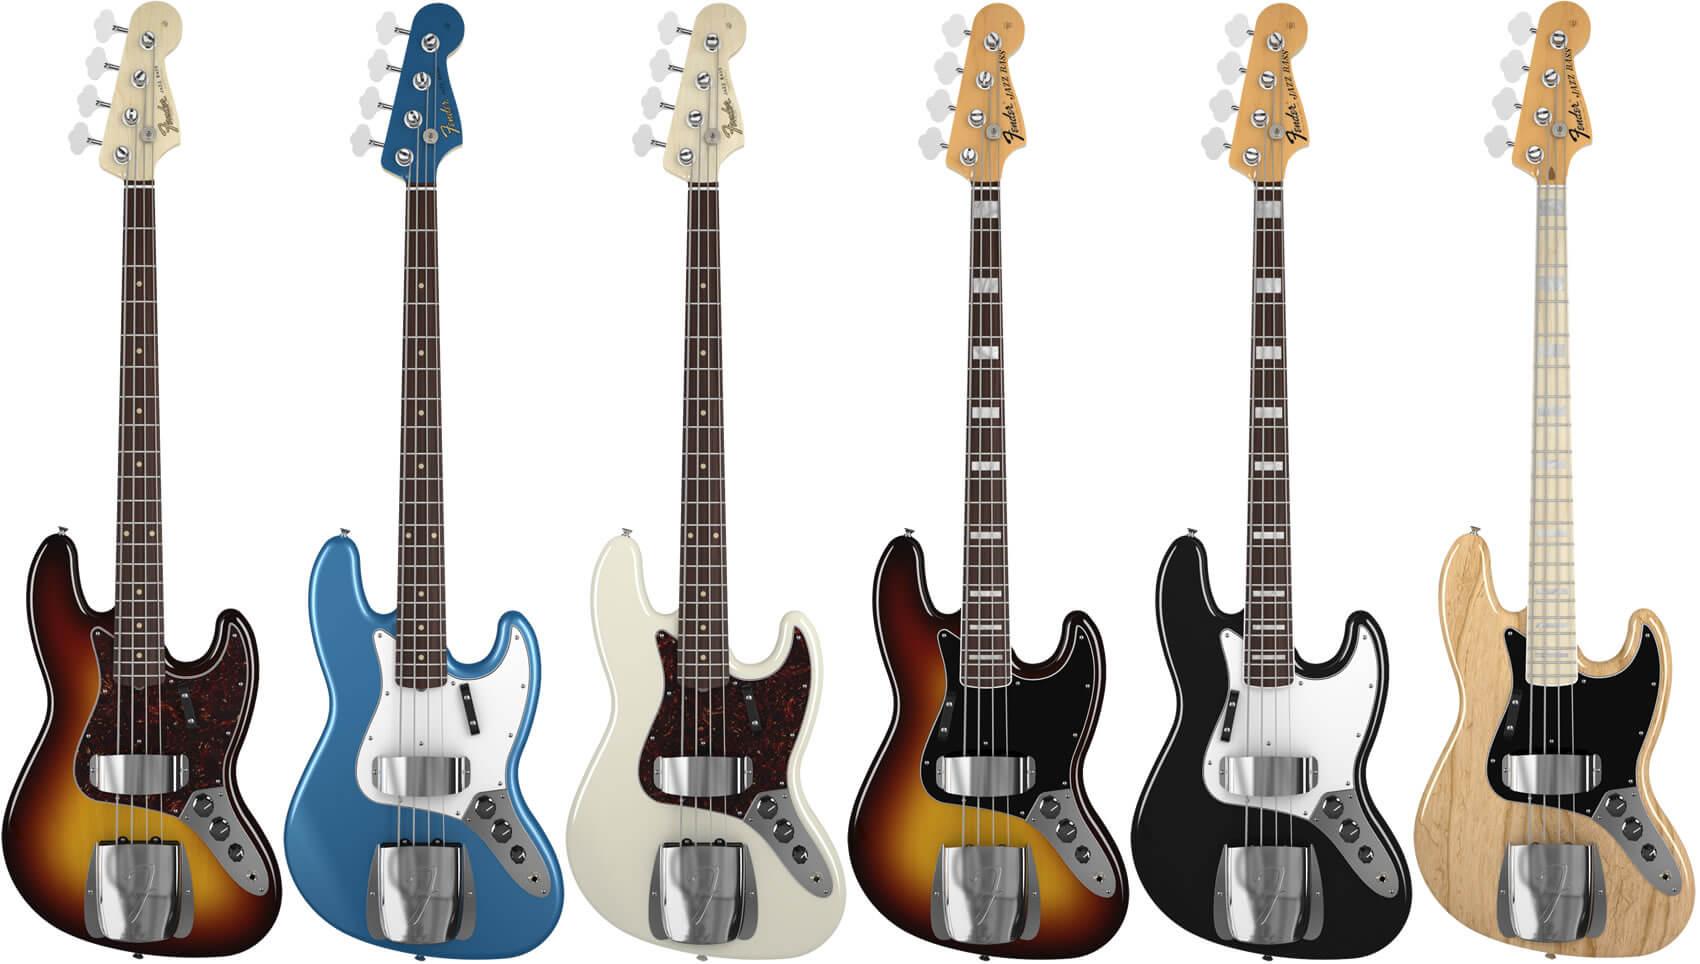 Fender American Vintage Jazzbass